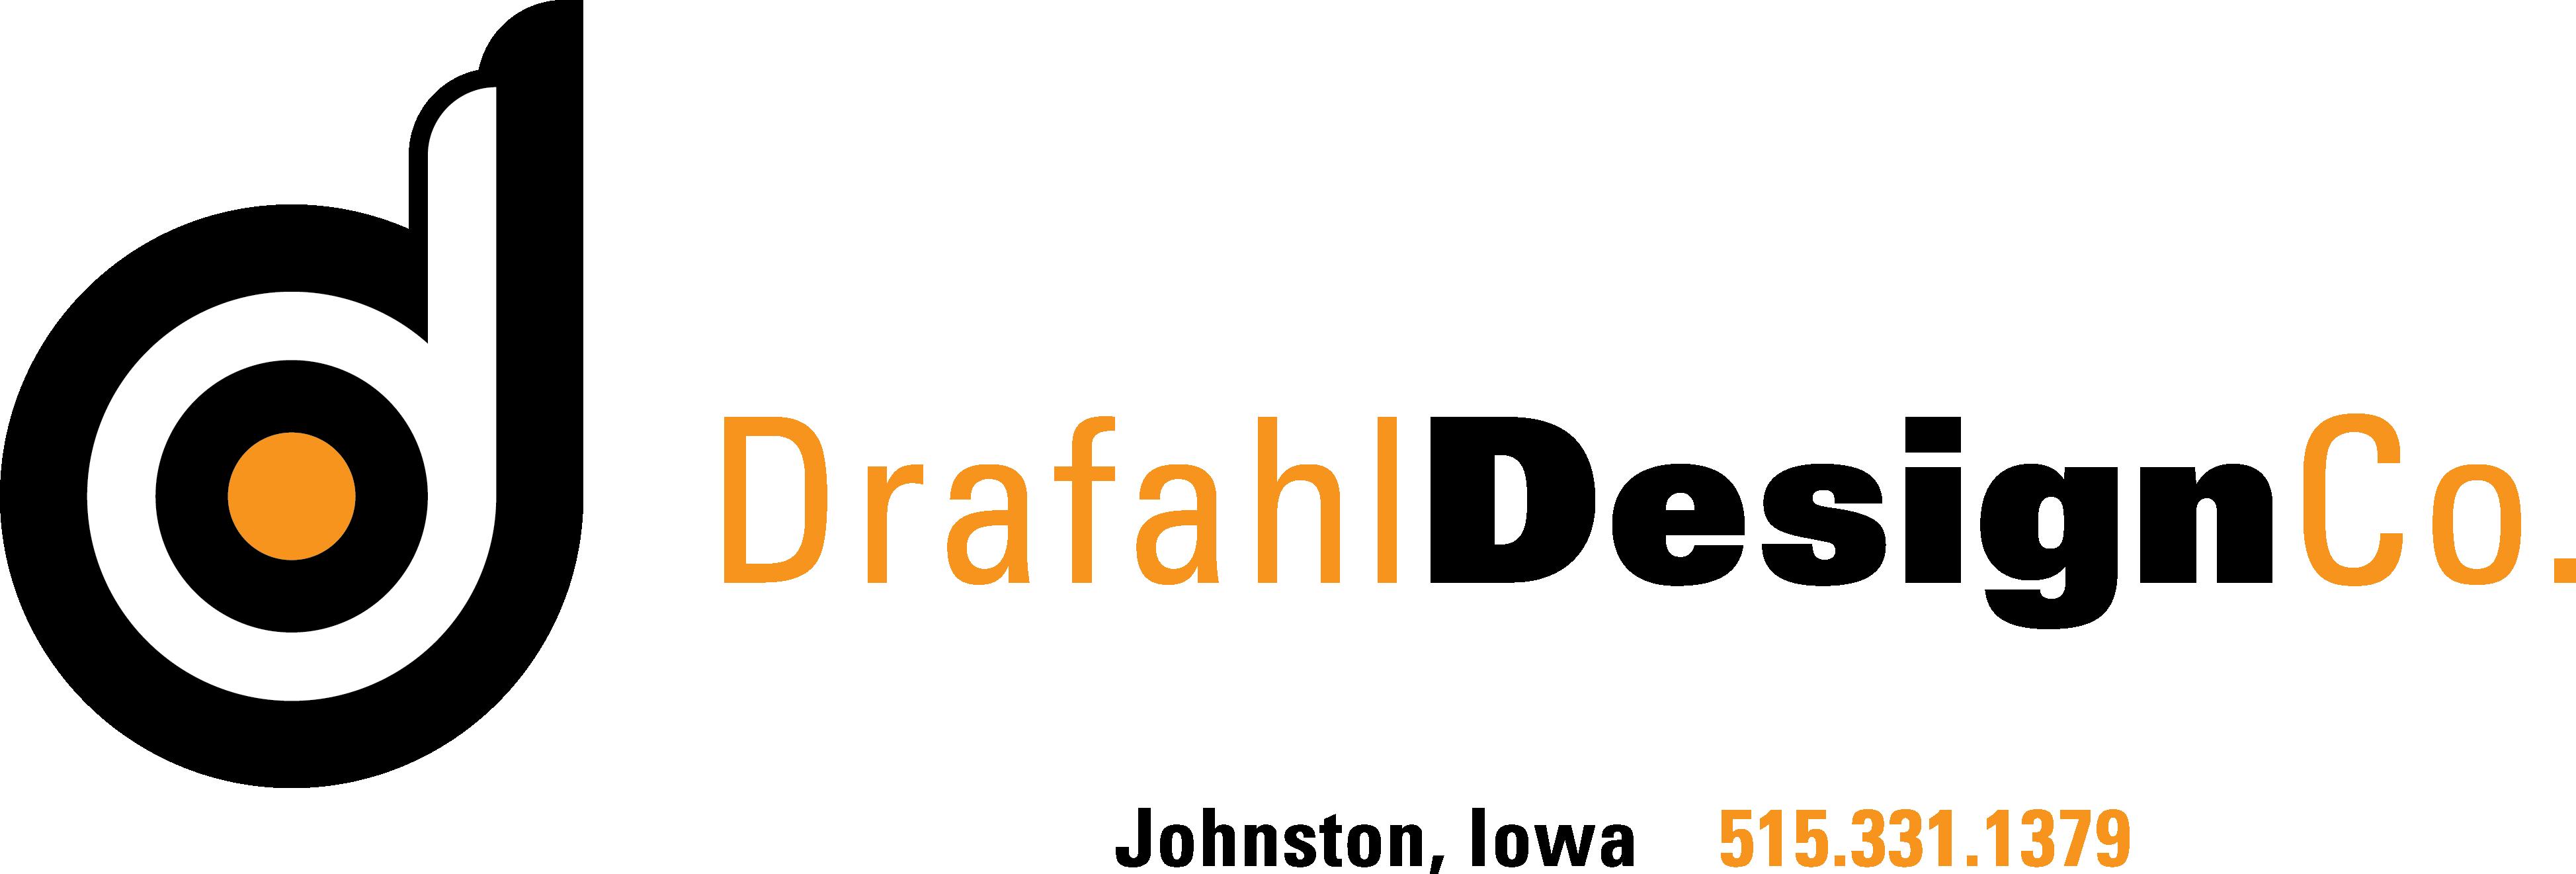 Drafahl